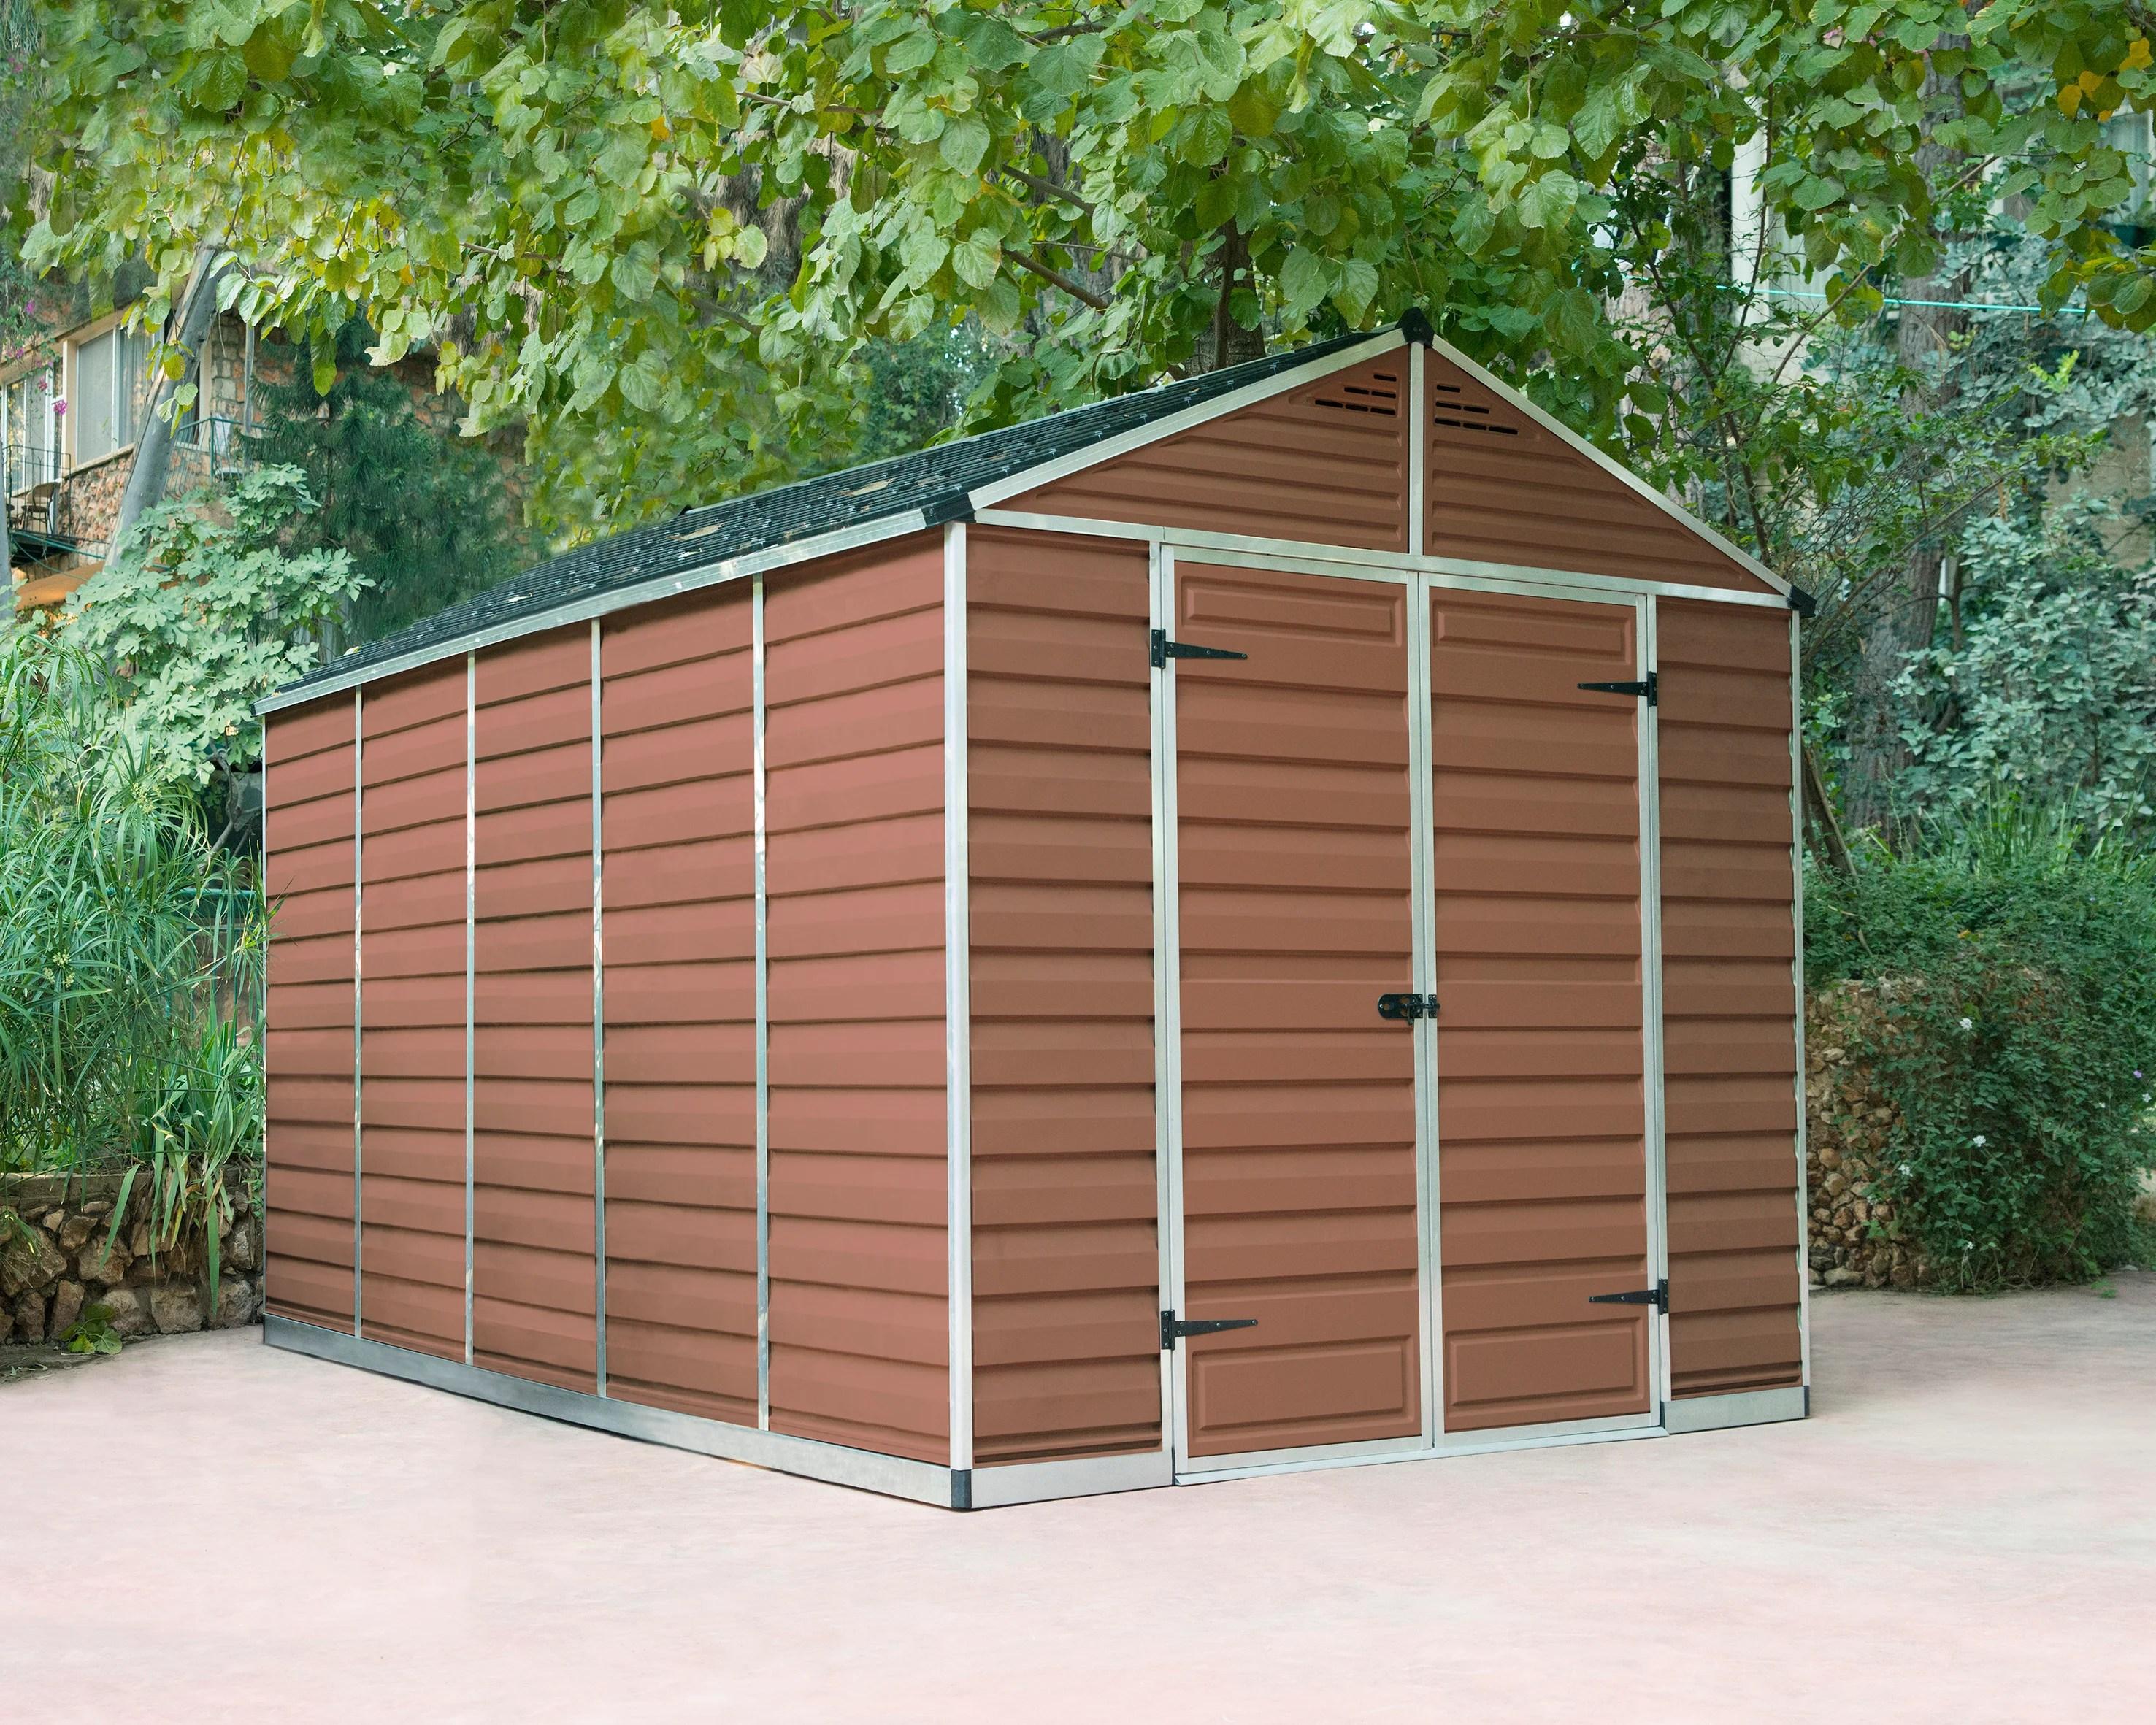 abri de jardin skylight ambre 8 7 m aluminium et polycarbonate palram leroy merlin